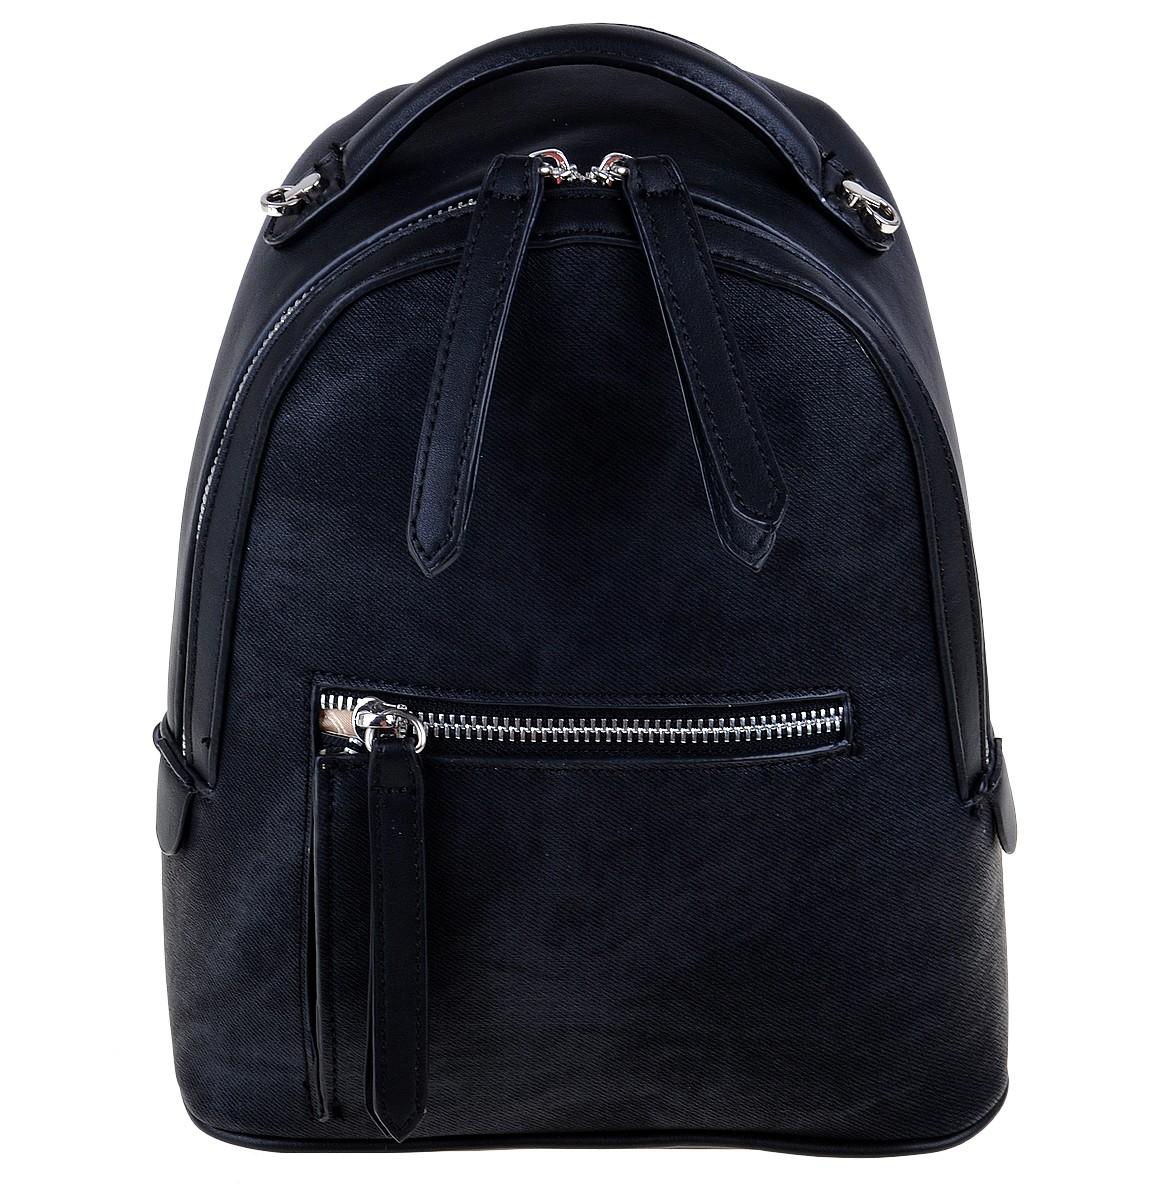 Рюкзак женский Dispacci, цвет: черный. 32599101248Модели итальянского бренда Dispacci совмещают в себе стиль, практичность и безукоризненное качество изготовления. Чтобы ваш рюкзак сумка всегда оставался в целости и выглядел как новый, дизайнеры Dispacci продумали его конструкцию до мельчайших деталей. Вся фурнитура, пряжки, замки и молнии сделаны из металла, а места креплений лямок и верхней ручки прошиты крепкими нитками. Мы предлагаем очень практичную модель с вместительным центральным отделением и наружным карманом, который закрывается на молнию. Для удобства открывания все замки снабжены стильными цифрами из экокожи. Рюкзак в комплекте с широким ремнем декорированным цветочками из экокожи в цвет изделия. Высота ручки 5 см.